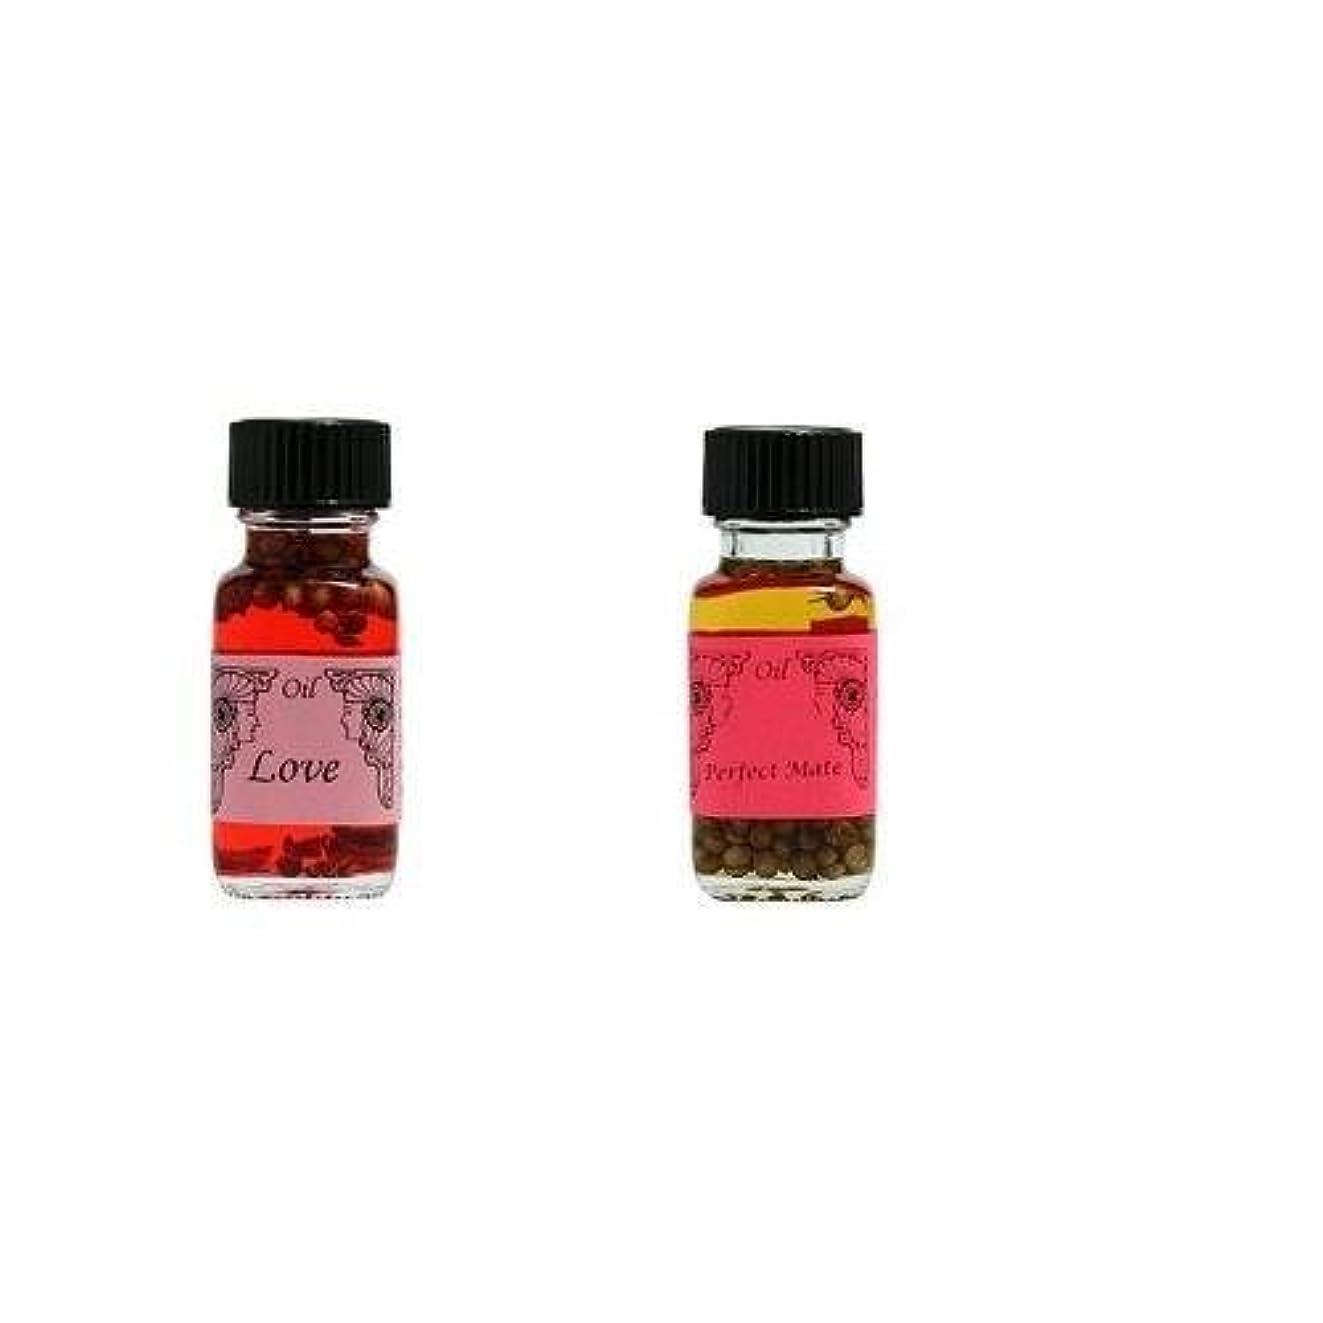 記念碑的なディスカウント他の場所【愛】+【パートナー】Ancient Memory Oils 【人気の2点セット】アンシェントメモリーオイル【LOVE】 +【PERFECT MATE】 【海外直送品】